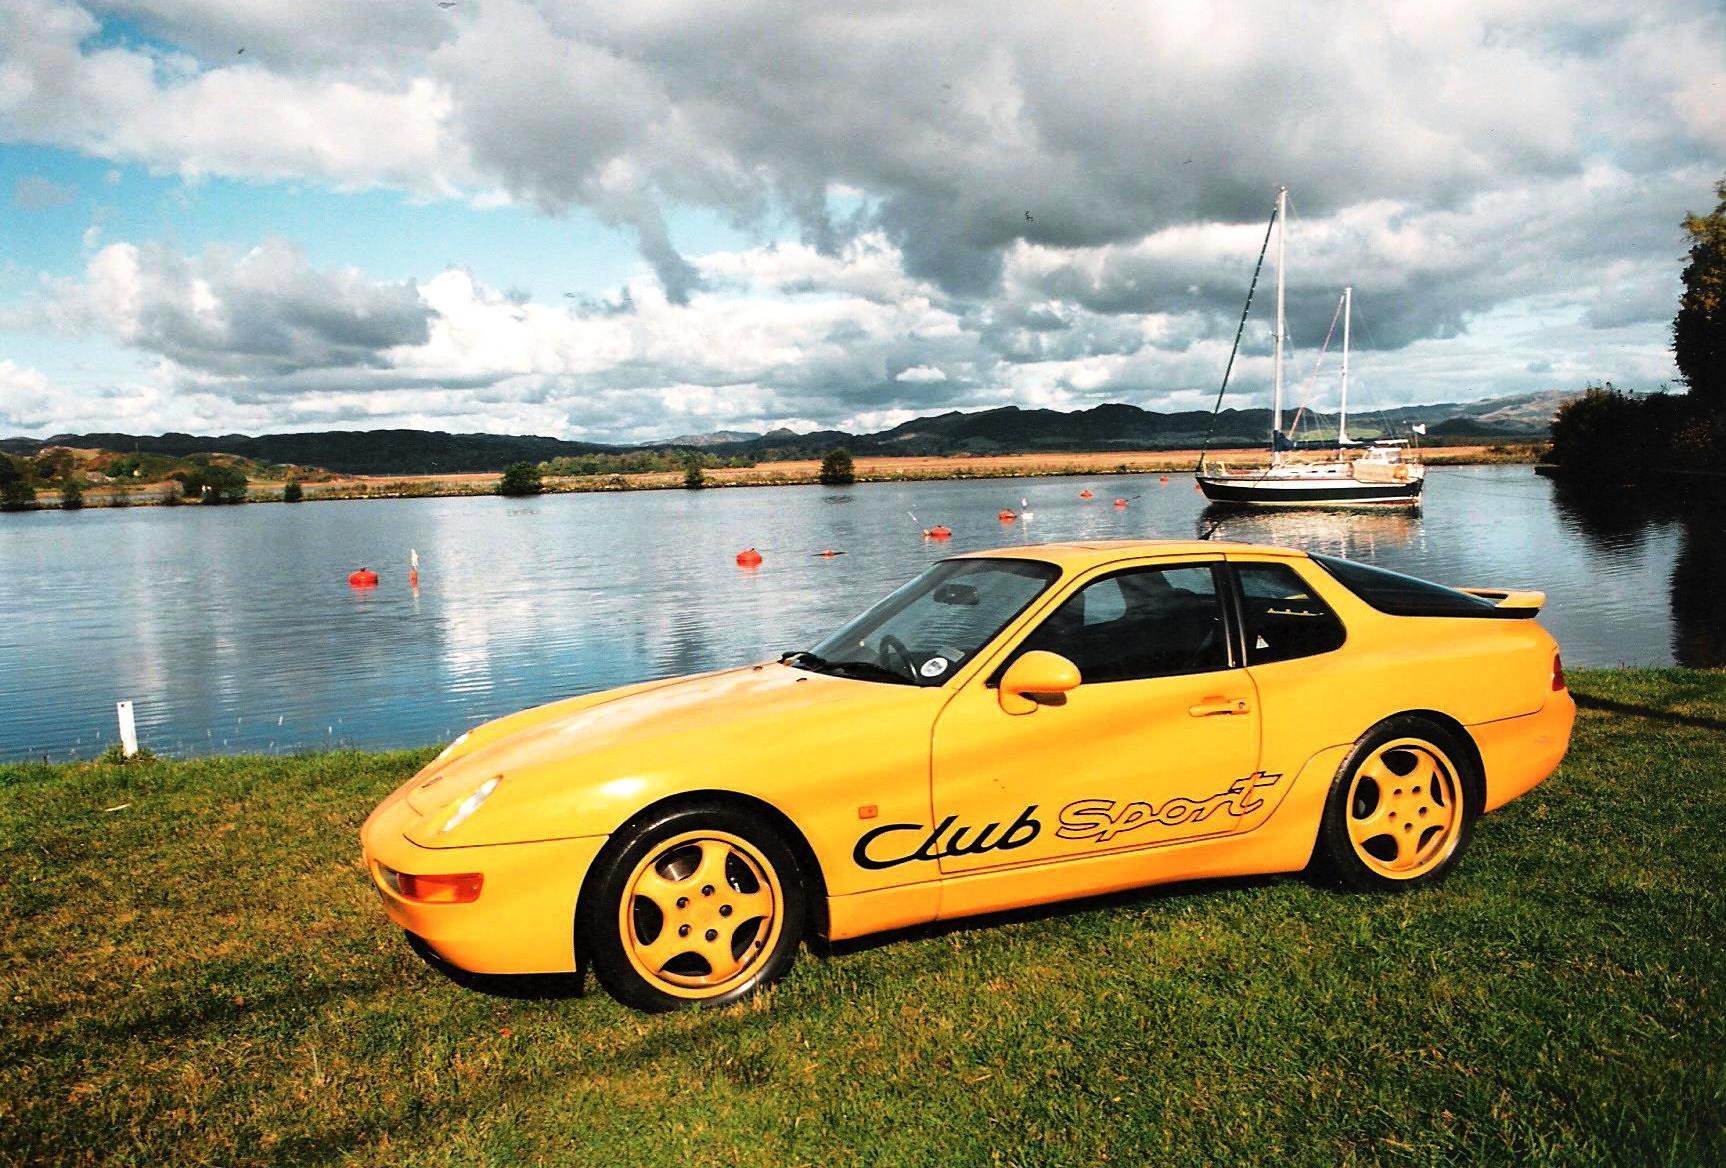 03 Porsche 968 Club Sport 1993 - Copy.jpeg